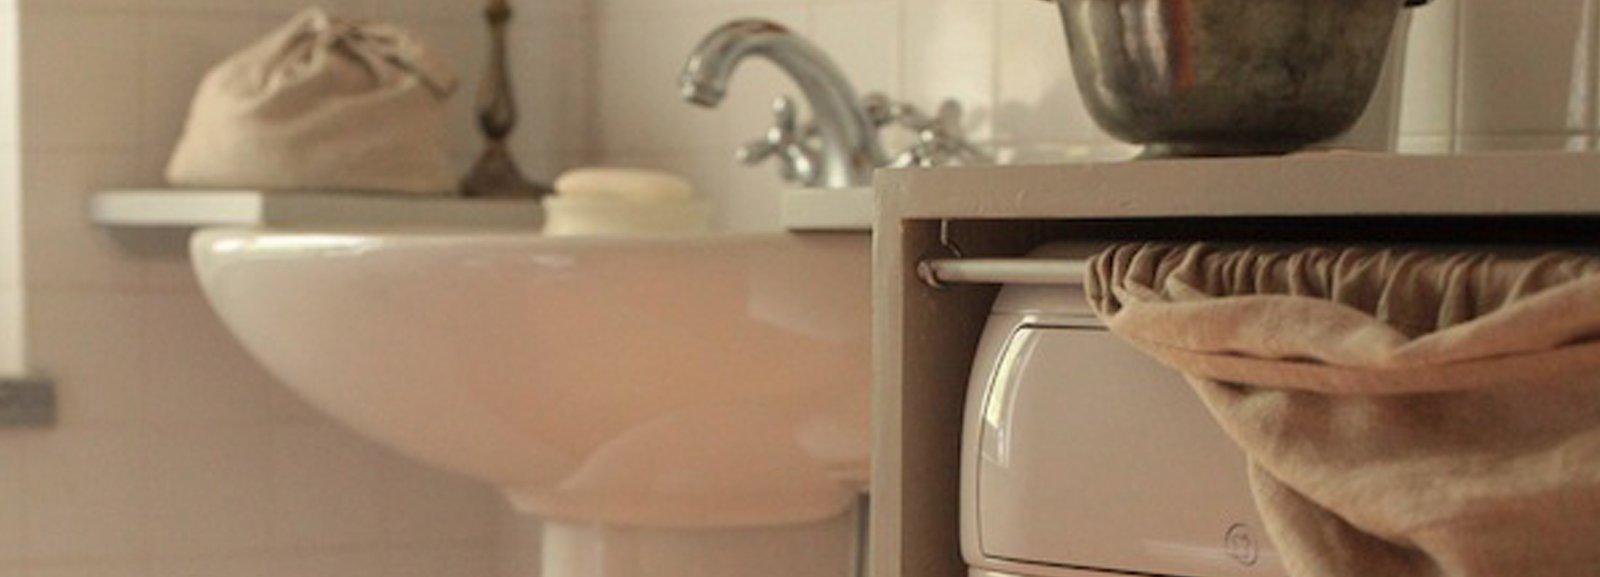 Nascondere la lavatrice e trasformare il bagno cose di casa - Lampadario bagno fai da te ...